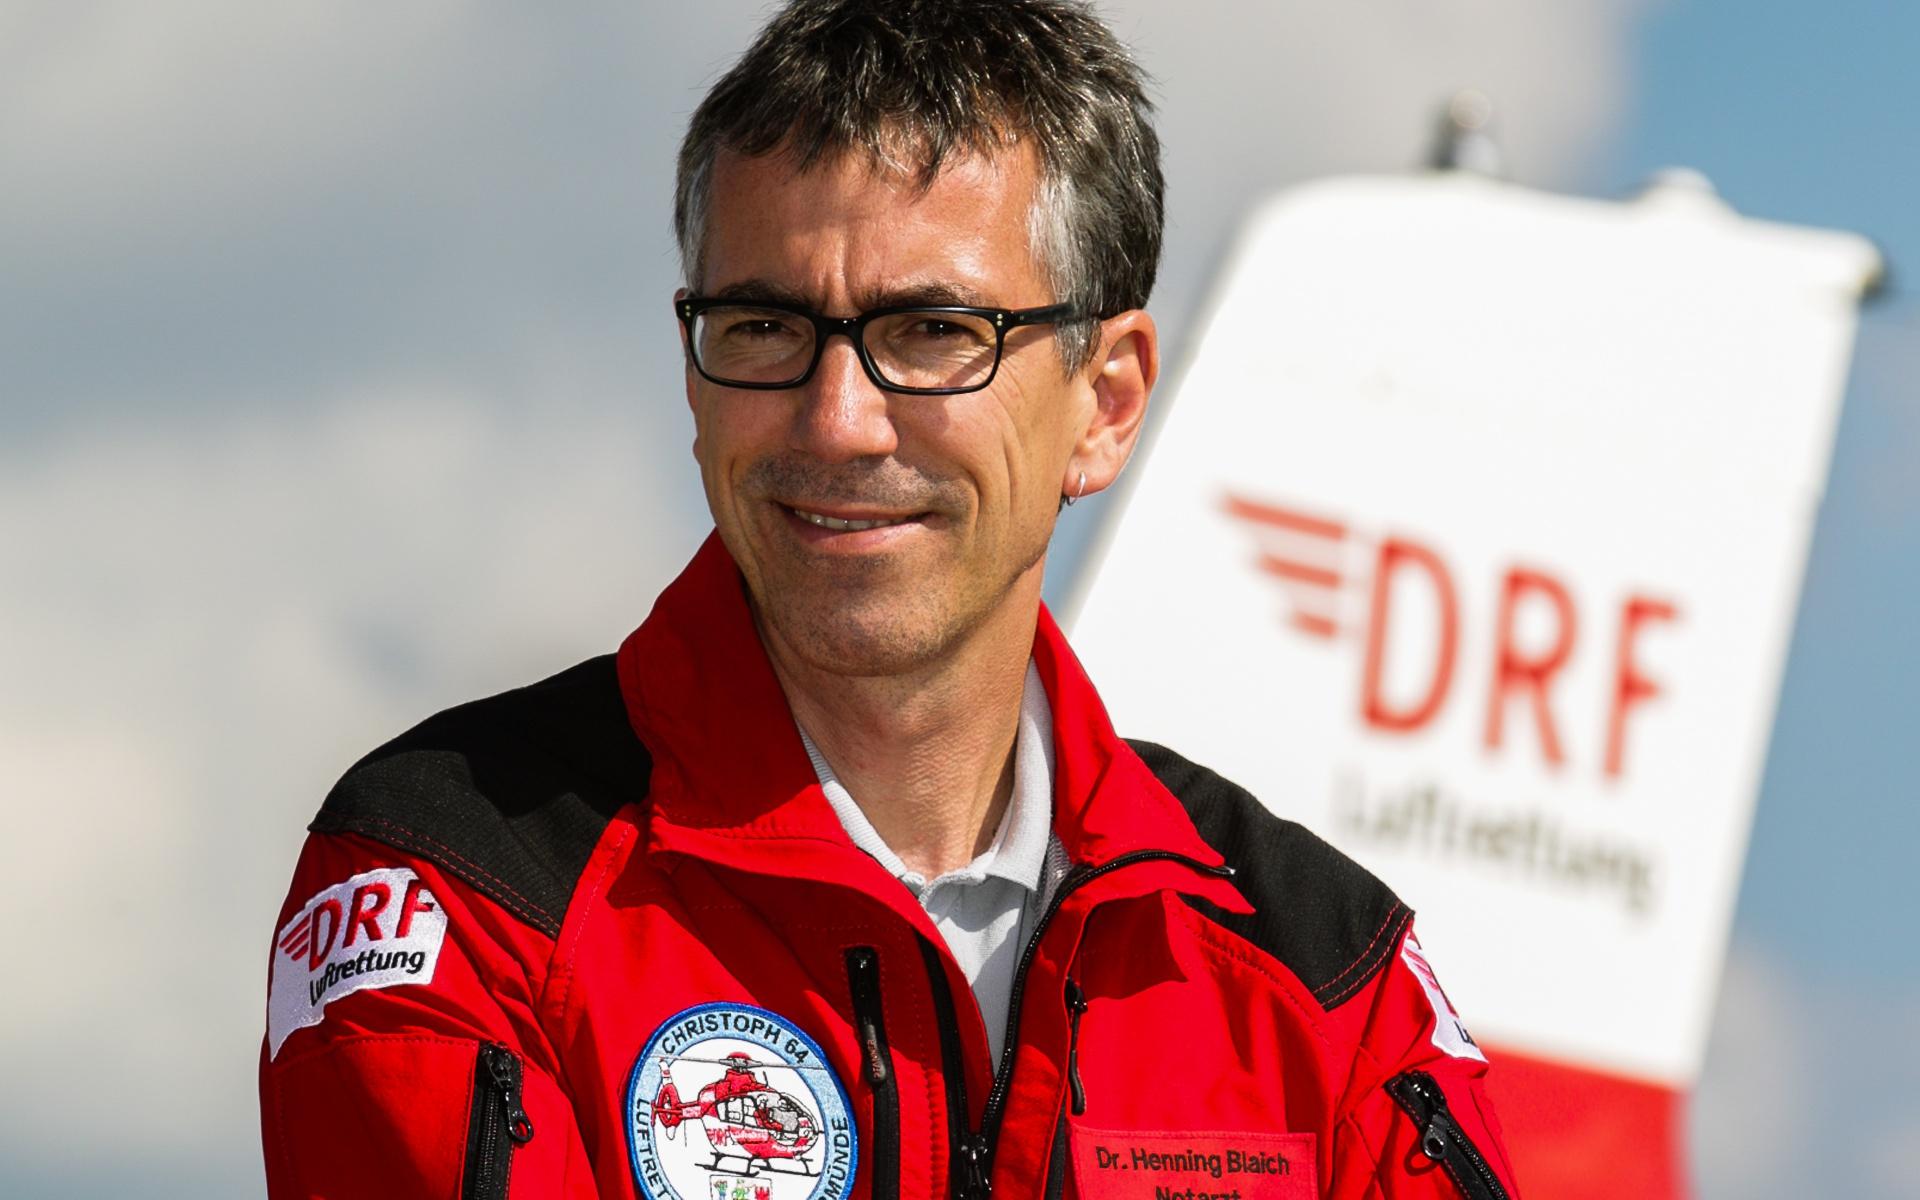 Dr. Henning Blaich erinnert sich noch gut an jenem Tag, an dem er und seine Kollegen zu einem schwerem Verkehrsunfall gerufen wurde.